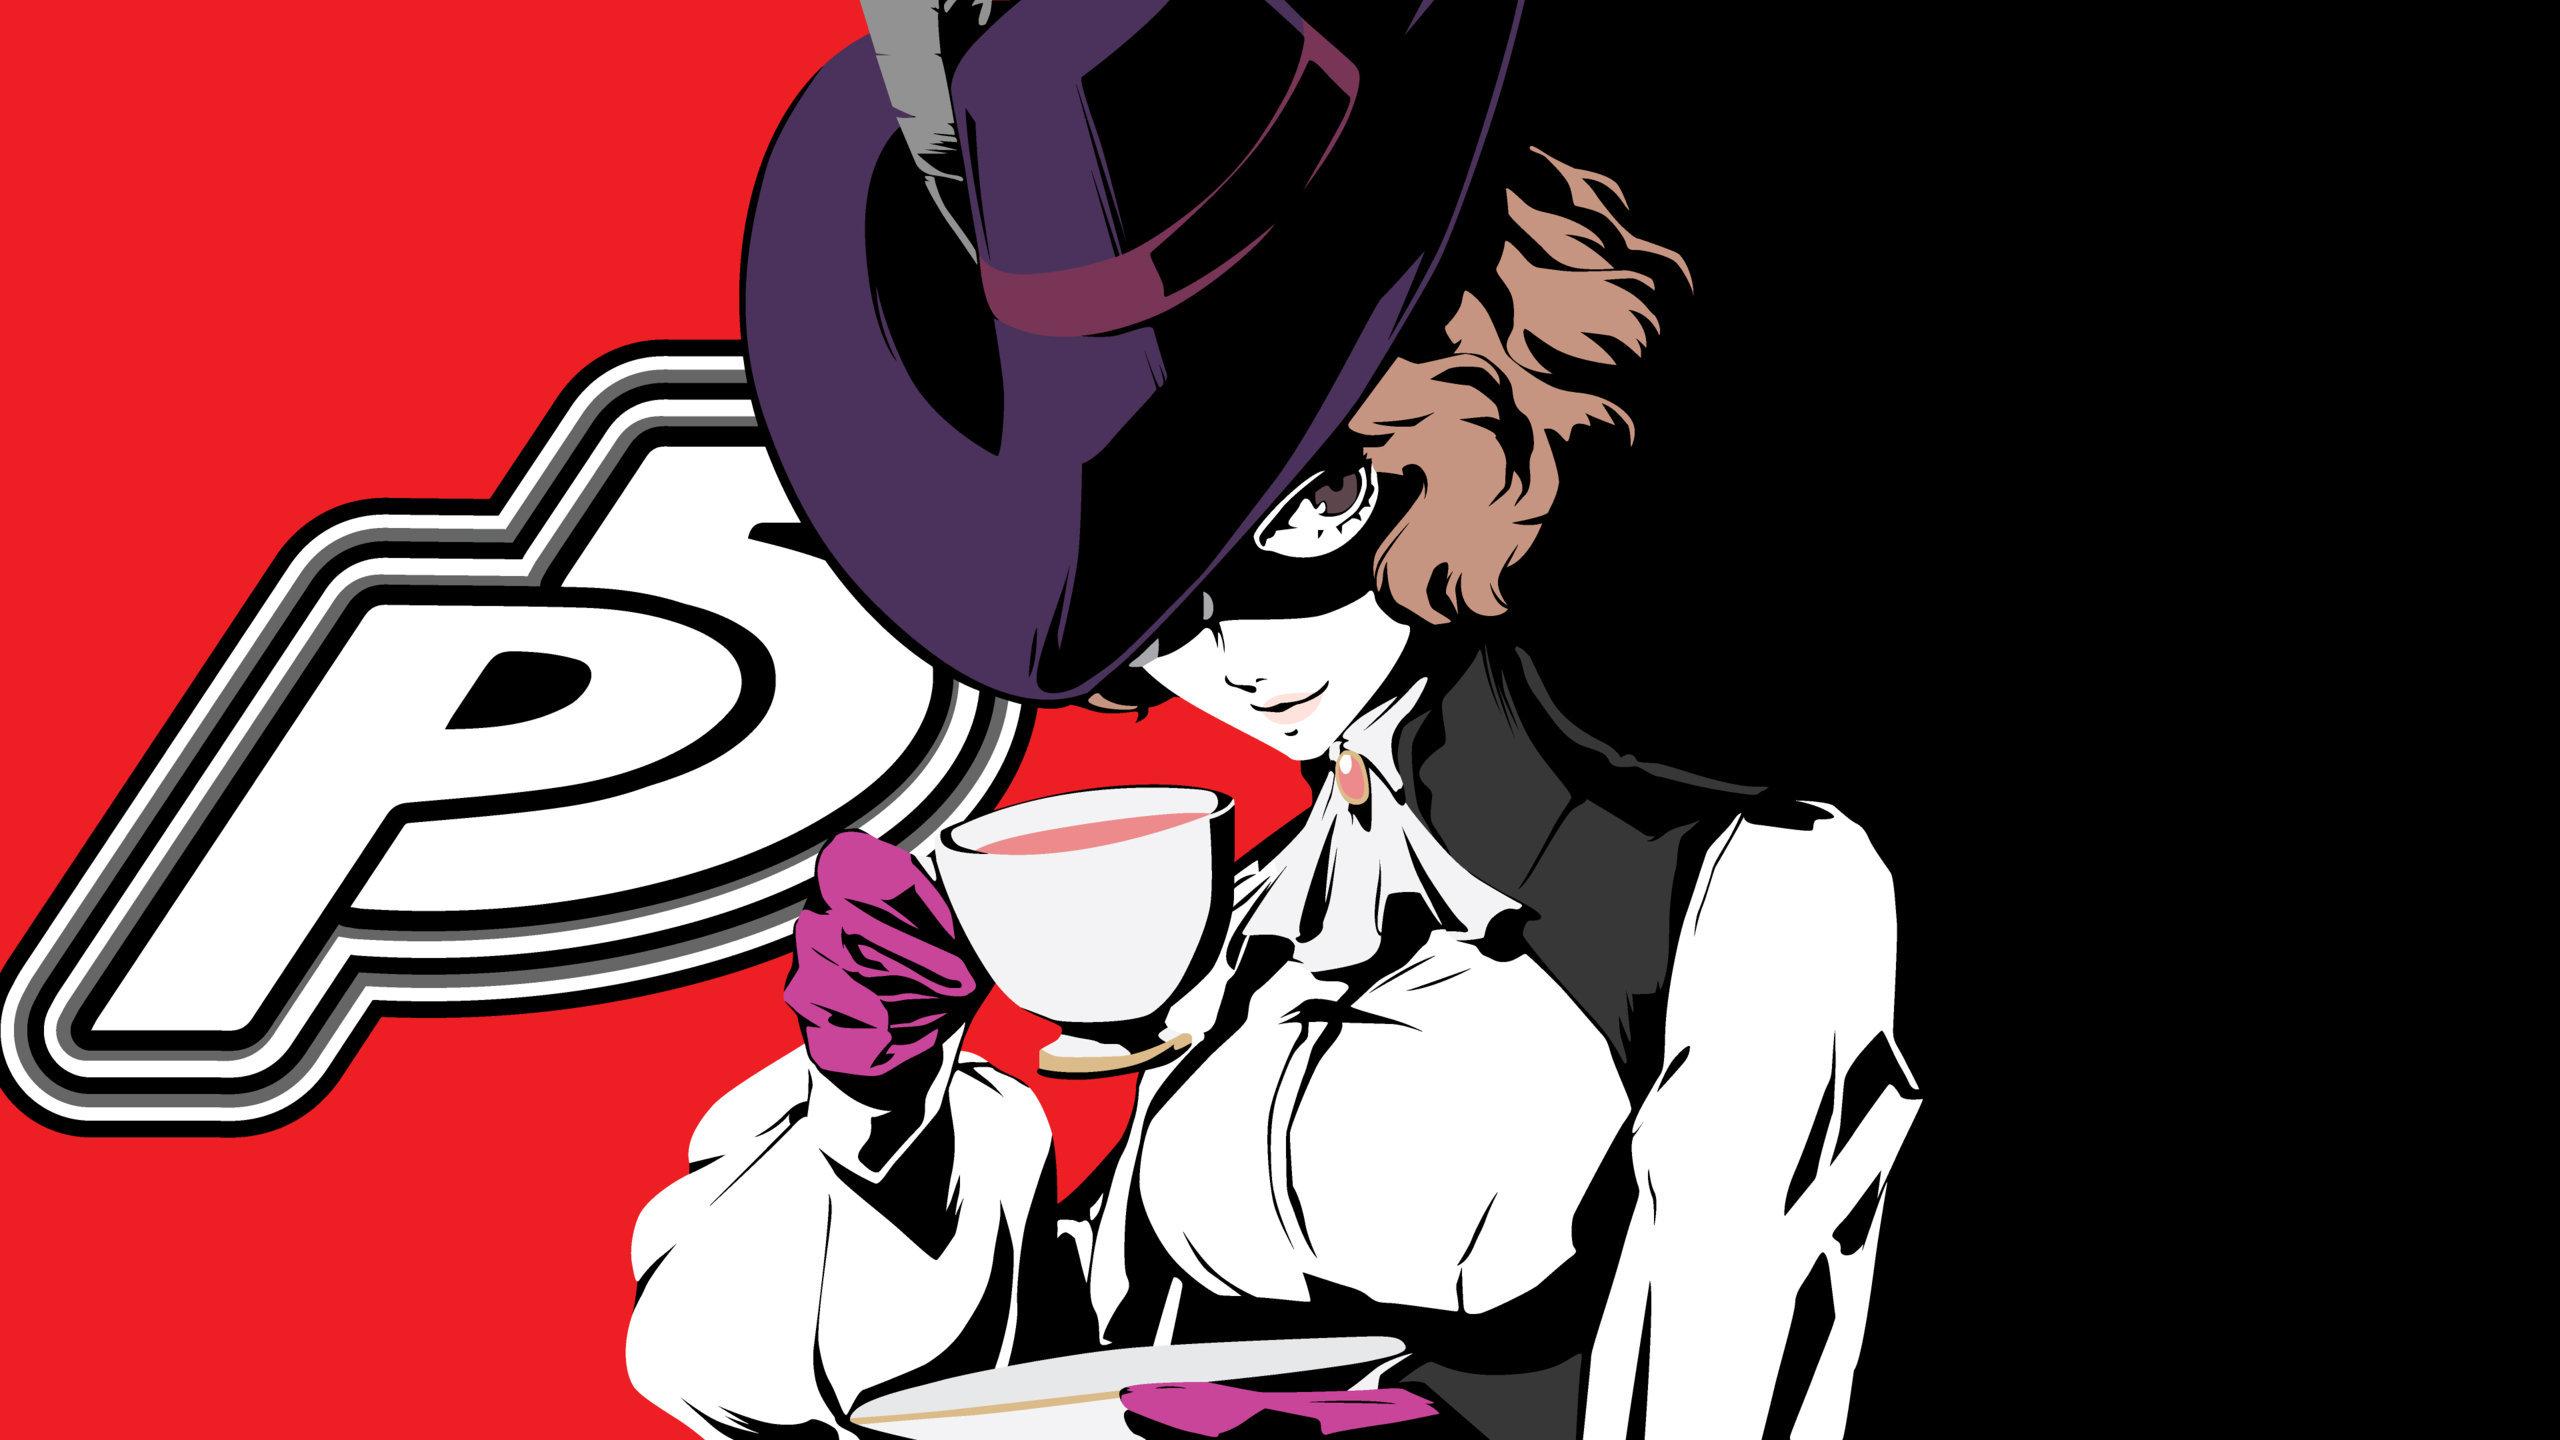 Persona 5 Intro 4k Wallpaper